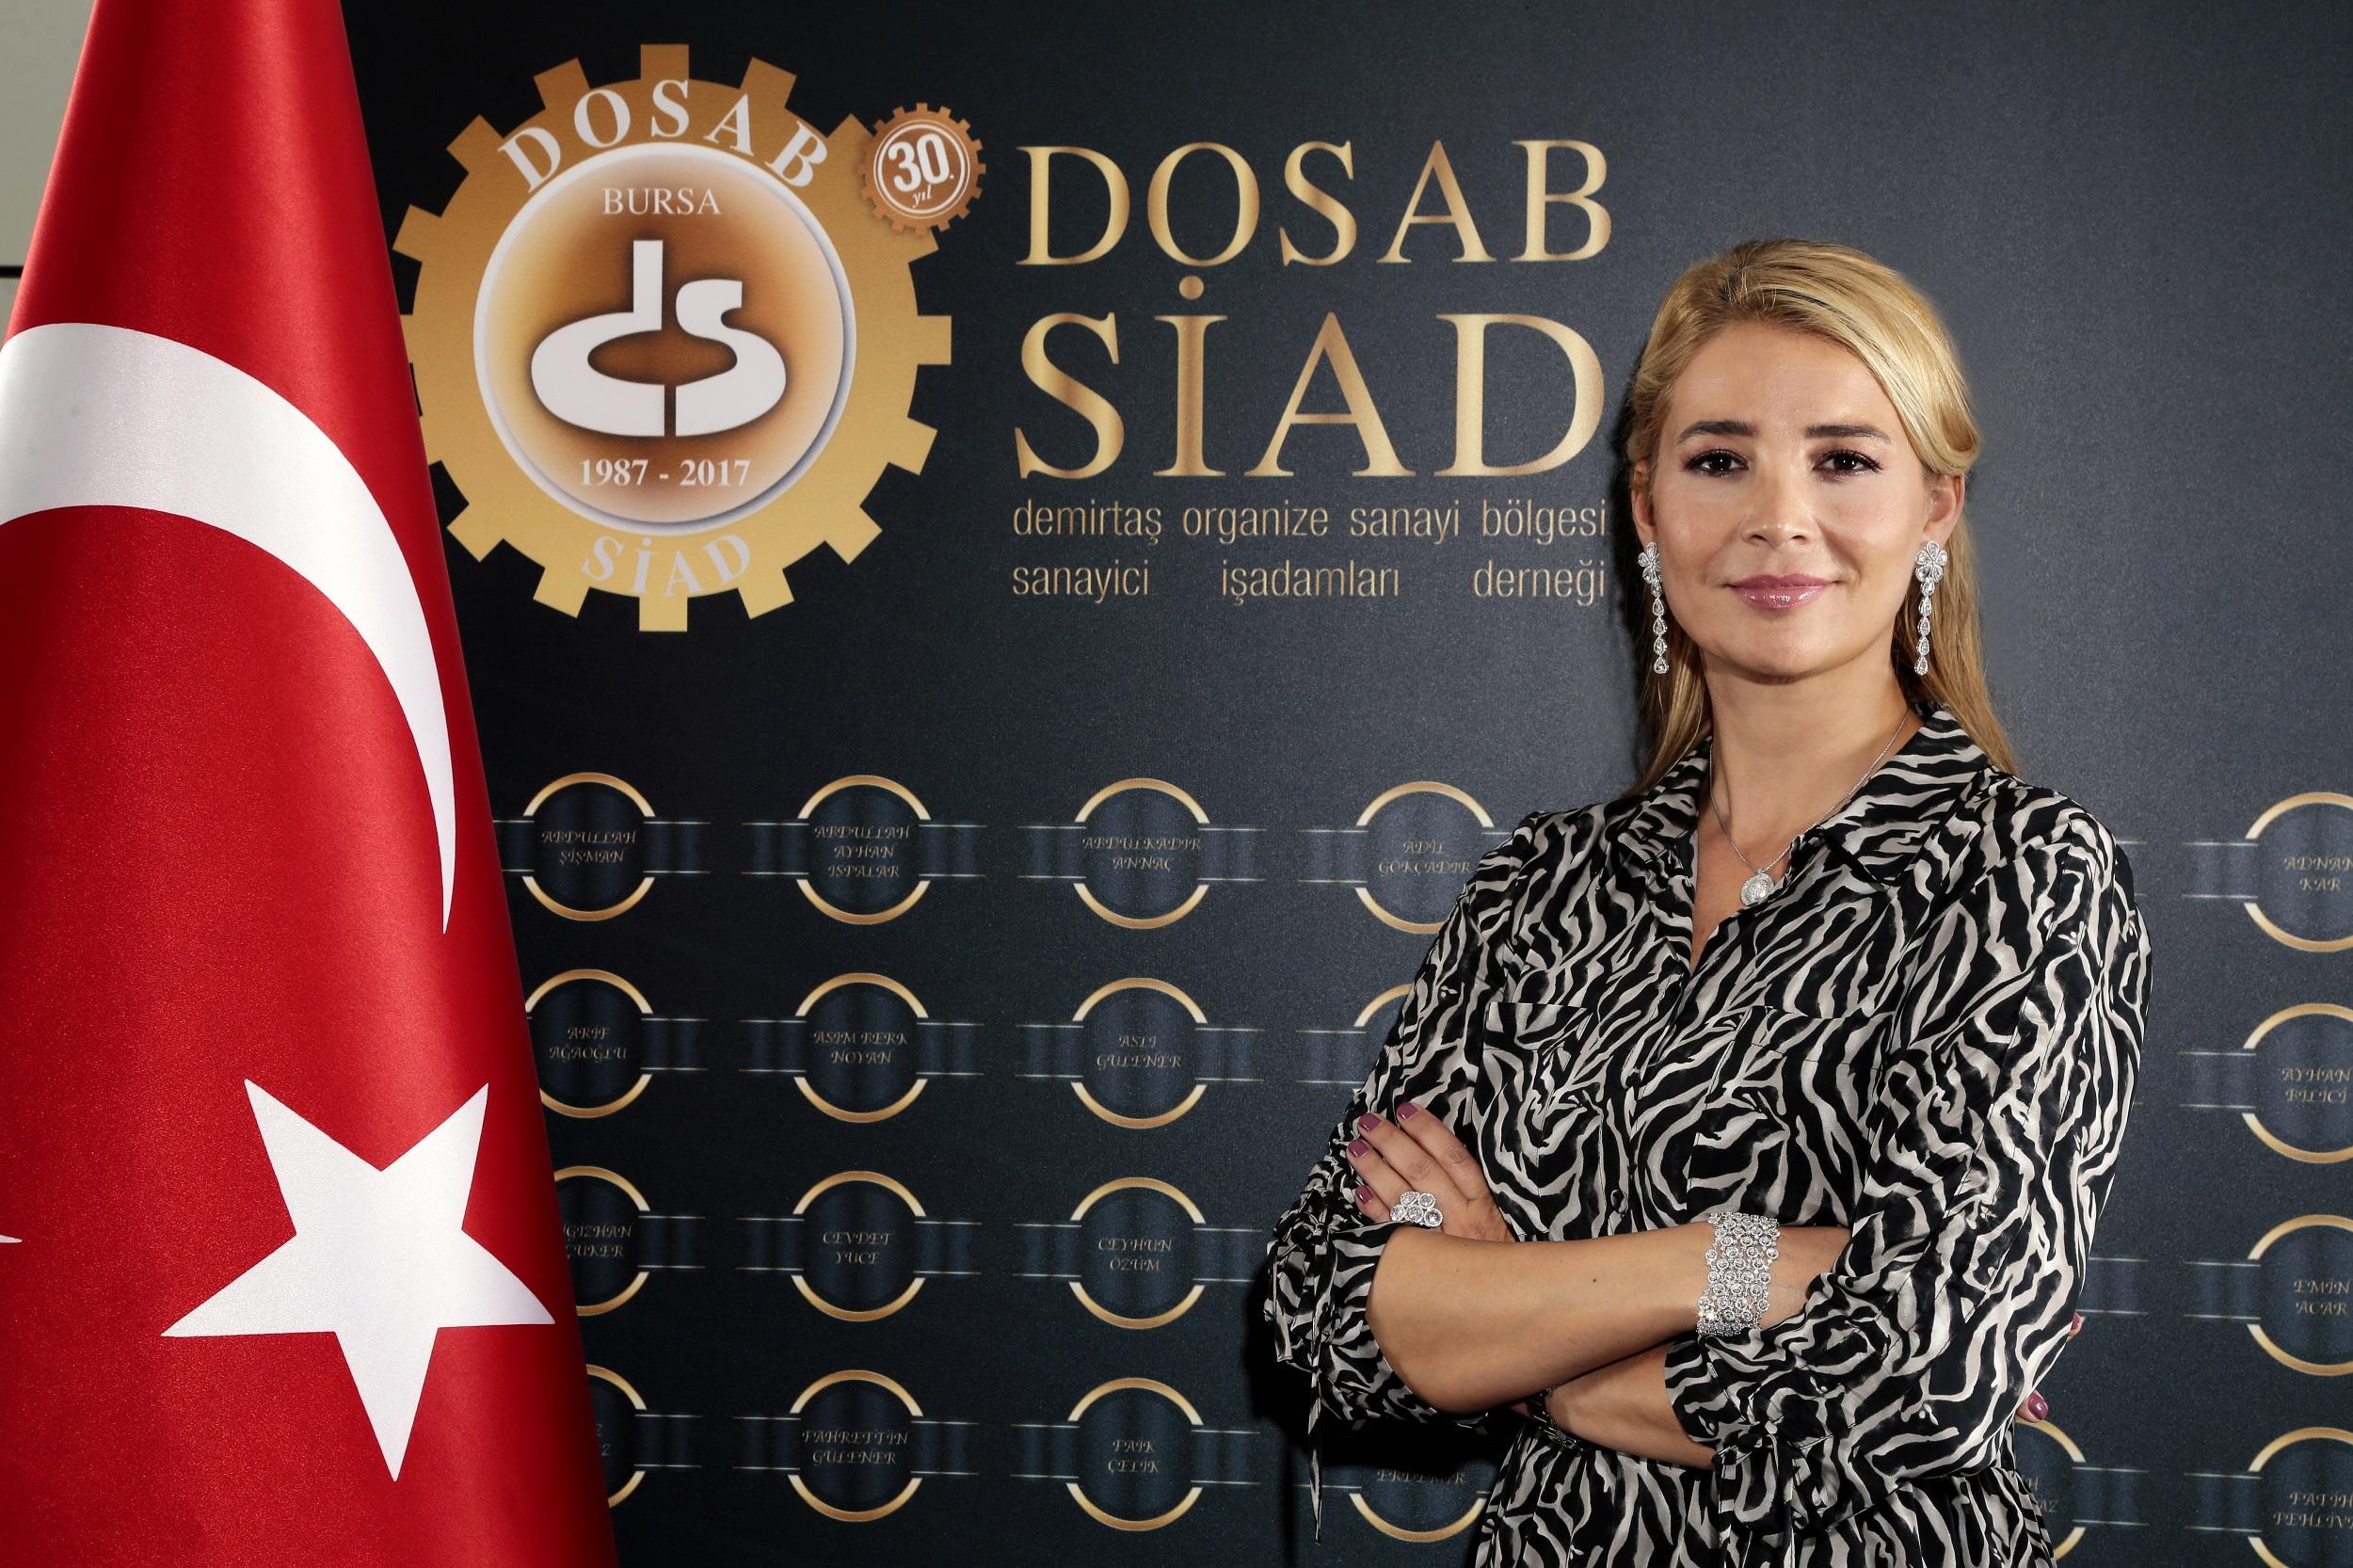 <p>2020 yılı ihracat rakamlarını değerlendiren Demirtaş Organize Sanayi Bölgesi Sanayi ve İş İnsanları Derneği (DOSABSİAD) Başkanı Nilüfer Çevikel, ihracatta yakalanan rakamların sevindirici olduğunu söylerken, ülke olarak yerli ve katma değerli üretime ağırlık verilmesi, inovatif yatırımların desteklenmesinin gerektiğinin altını çizdi.</p> <p></p> <p>Türkiye İhracatçılar Meclisi rakamlarına göre 2020 Aralık ayında ihracat yıllık %16 artışla 17,84 milyar dolar ile tüm zamanların en yüksek aylık rakamı olurken, 2020 yılında ihracatı 169,5 milyar dolar olarak gerçekleşti. Pandemi gölgesi altında geçen 2020 yılında gerçekleştirilen ihracat rakamlarını değerlendiren Demirtaş Organize Sanayi Bölgesi Sanayi ve İş İnsanları Derneği (DOSABSİAD) Başkanı Nilüfer Çevikel, Ticaret Bakanı Ruhsar Pekcan'ın açıkladığı 2020 yılı ihracatta rekorla kapatmaktan dolayı mutluluğunu dile getirdi.</p> <p></p> <p>Ülke olarak 2019 yılında uygulanan dengeleme politikalarının etkileri ile 2020 yılına hızlı bir büyüme hedefi ile başlandığını fakat dünyayı etkisi altına alan Covid 19 pandemisi ile tüm beklentiler bir anda şekil değiştirdiğini hatırlatan Başkan Çevikel, Nisan ve mayıs aylarındaki kapatmalar ile iktisadi ve sosyal faaliyetlerde ikinci çeyrekte sert bir daralma yaşandı. Ekonomi yüzde 9,9 daraldı. Destek paketleri ardı ardına geldi. Tüm bu olumsuzlukların yanında sanayi üretim endeksinin yükselmesi, sanayicinin üretimden vazgeçmediğini gösterdi. 2020 yılının Eylül ayında 16 milyar 13 milyon dolar ihracat ile Cumhuriyet tarihinin en yüksek eylül ayı ihracat rakamı yakalandı. Aynı zamanda aylık bazda 2020 yılının en yüksek ihracat rakamına ulaşıldı. 2020 yılı ihracatımız 25 Aralık itibarıyla 166 milyar doları geçerek program hedefi olan 165,9 milyar doları aşmıştı. Bu rakamlar ihracatçı ve sanayi olarak hepimizi sevindirdi açıklamasında bulundu.</p> <p></p> <p><strong>Üretmekten Vazgeçmedik</strong></p> <p></p> <p>Yıllık ihracat rakamlarının da ülke adına gurur verici olduğunu ifade 